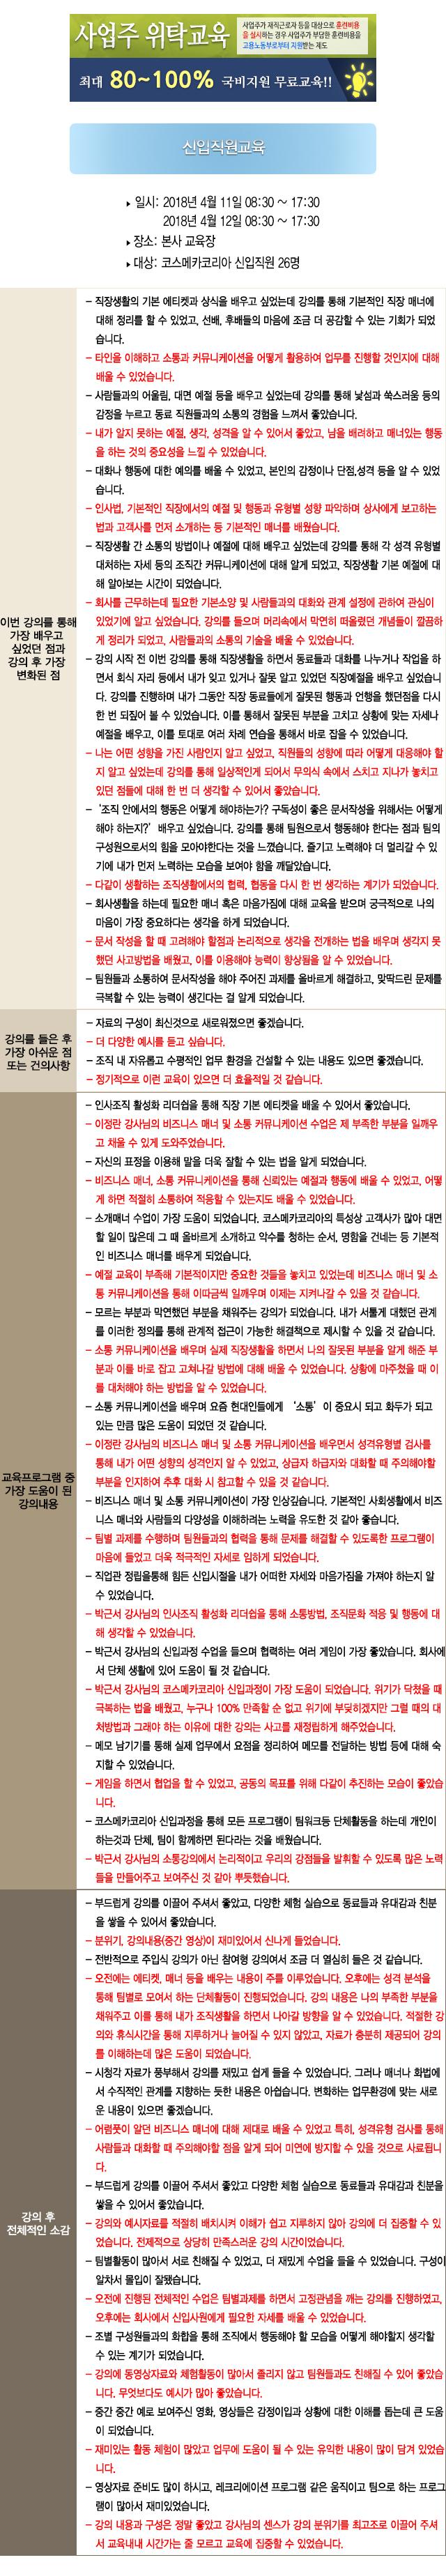 한국중앙인재개발원 후기 코스메카코리아.jpg